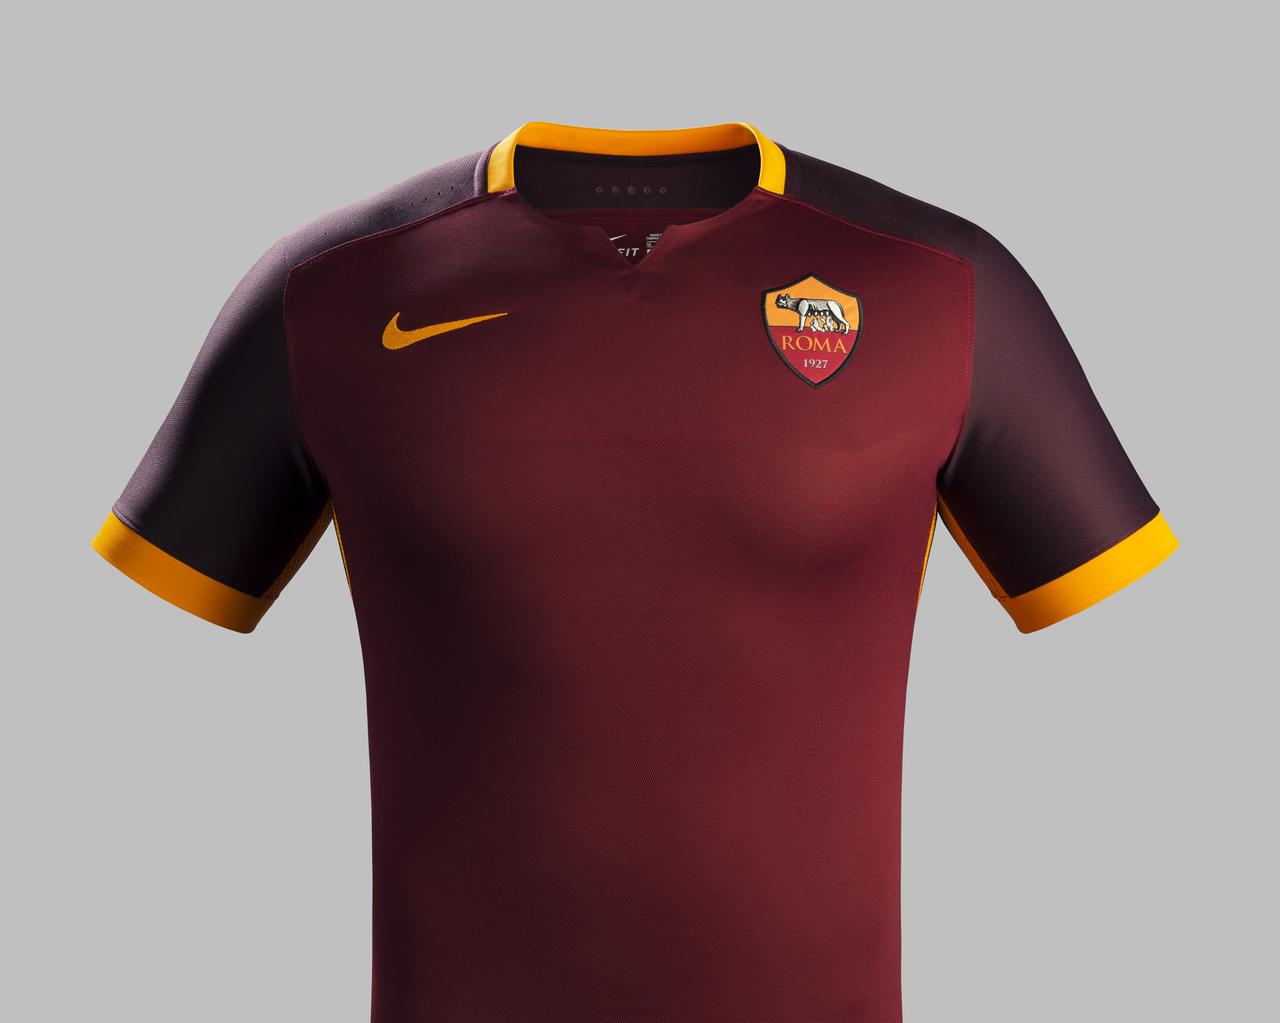 Así son las camisetas de la temporada 2015 2016  poniendo al límite ... b47c02e9af228